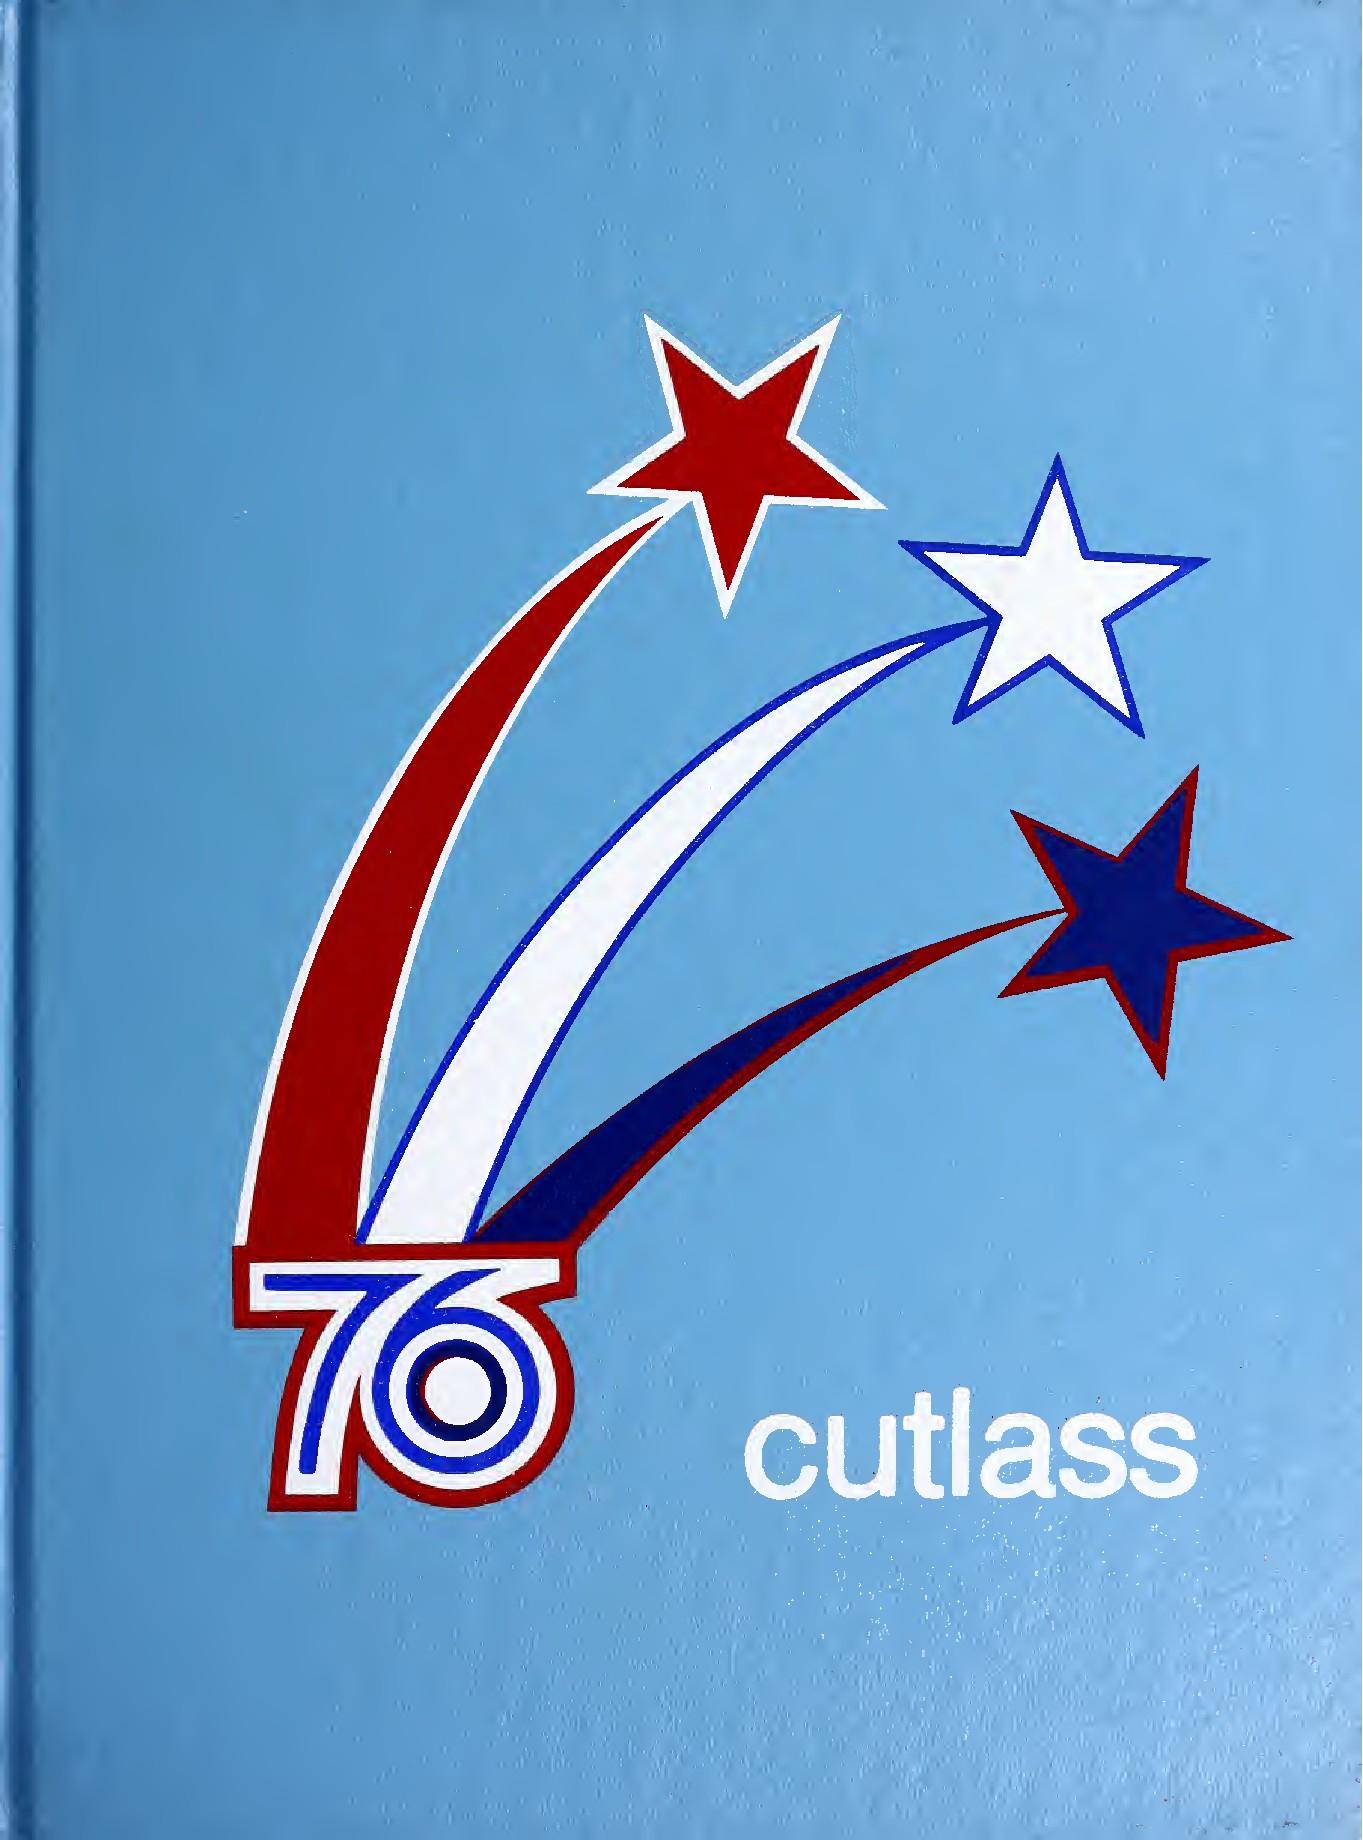 Cutlass, 1976